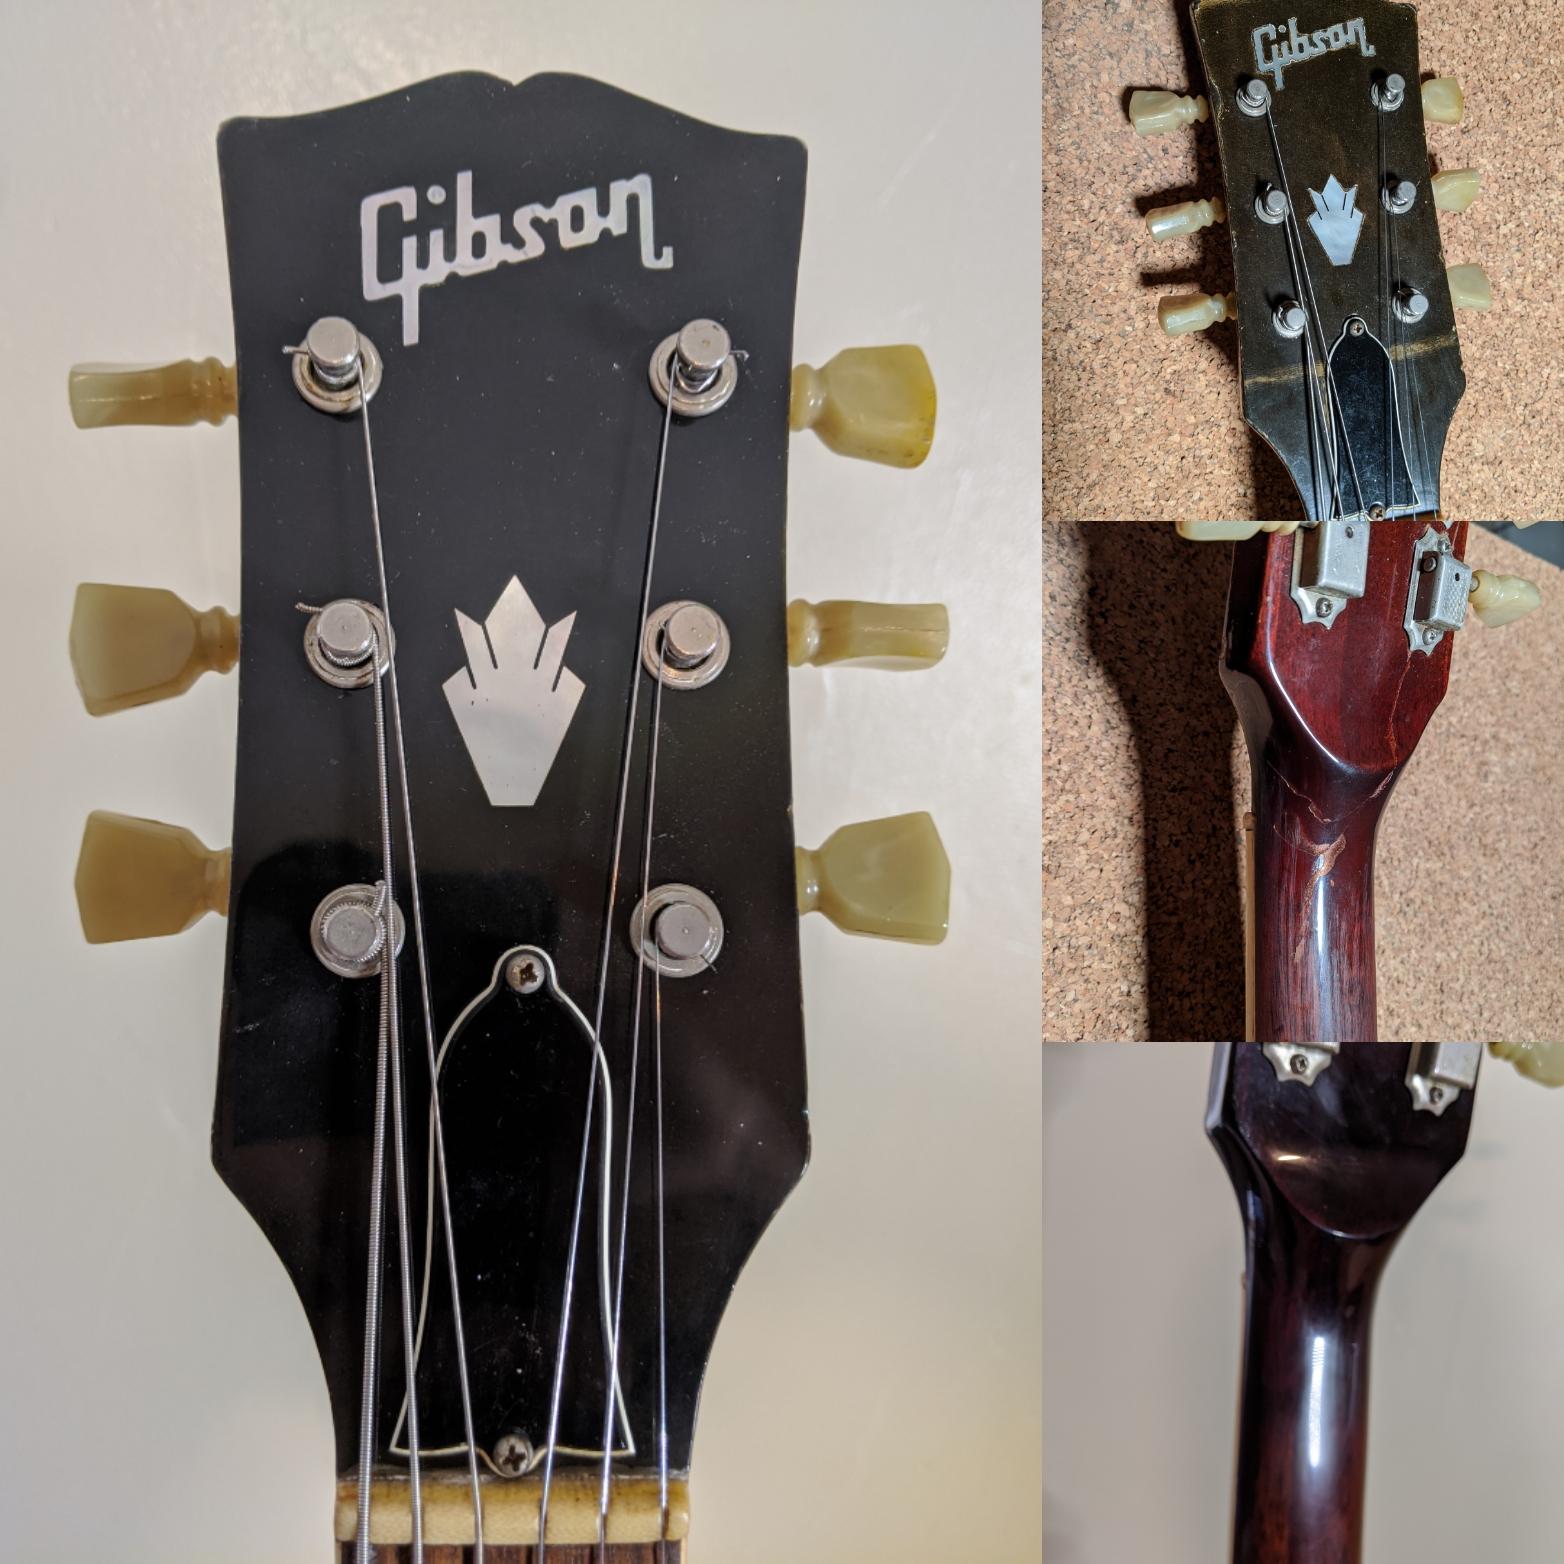 Early 70's Gibson SG Headstock Break Repair